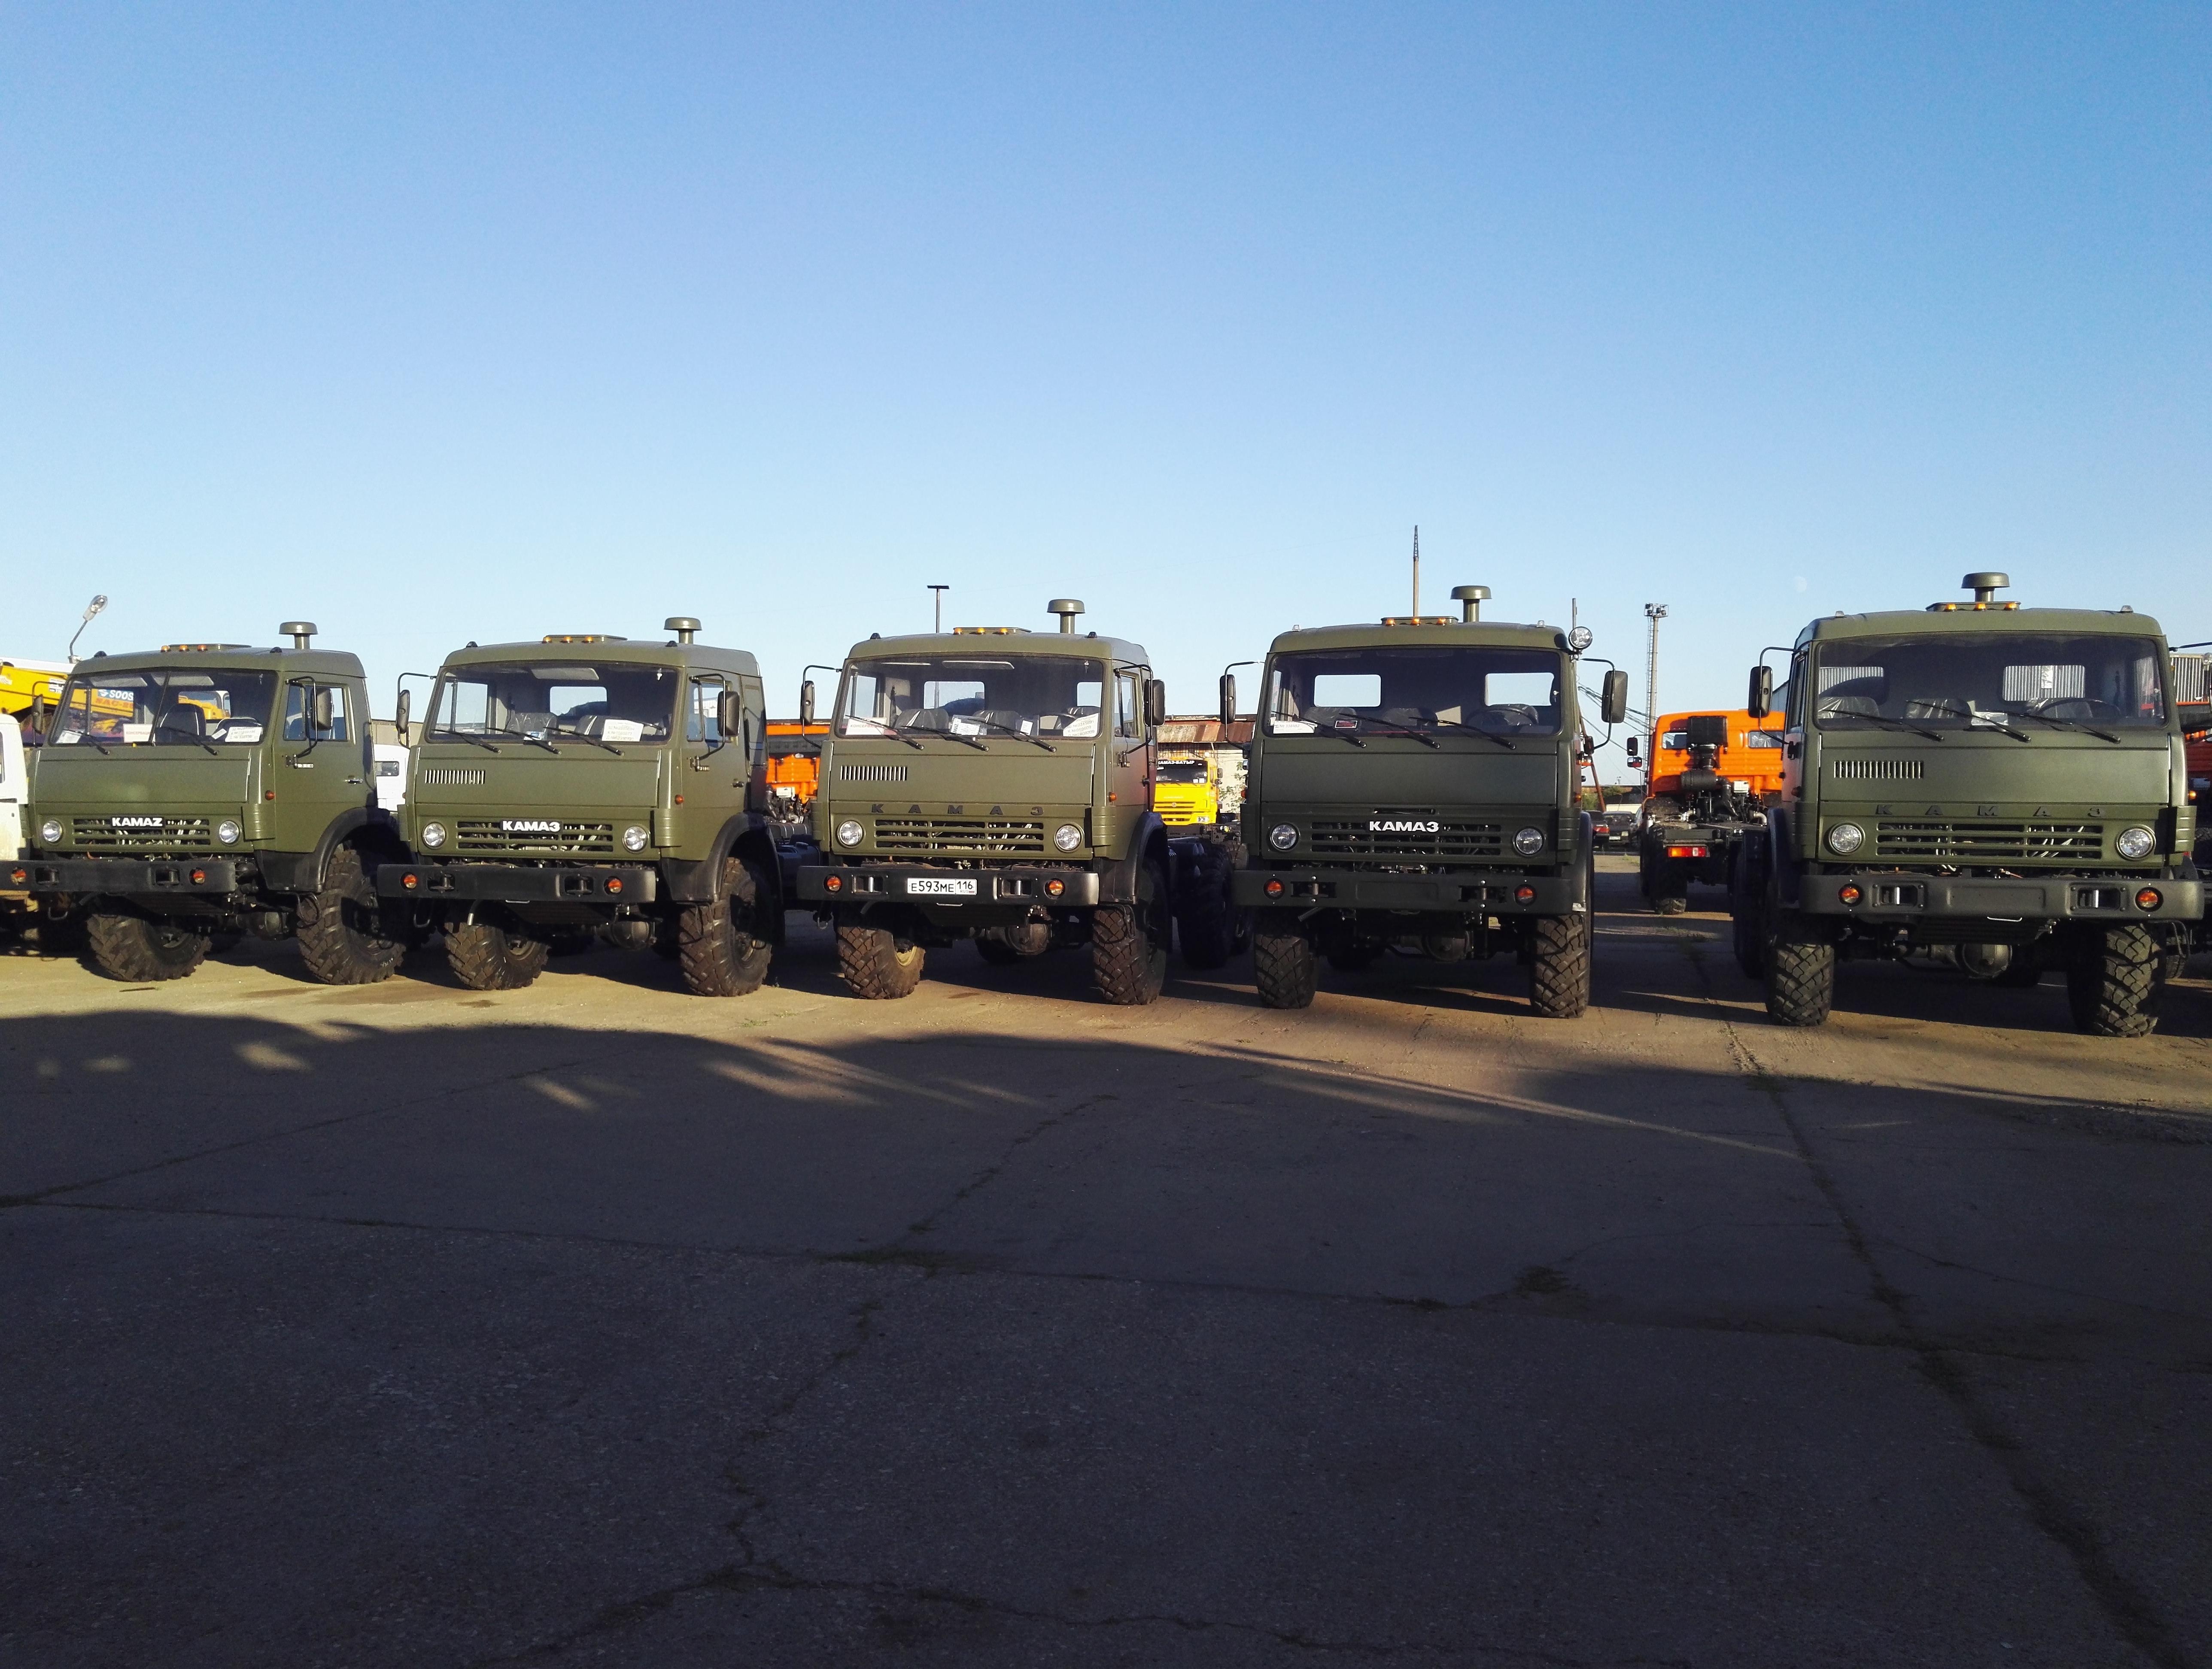 КАМАЗы 4310 шасси НОВЫЕ